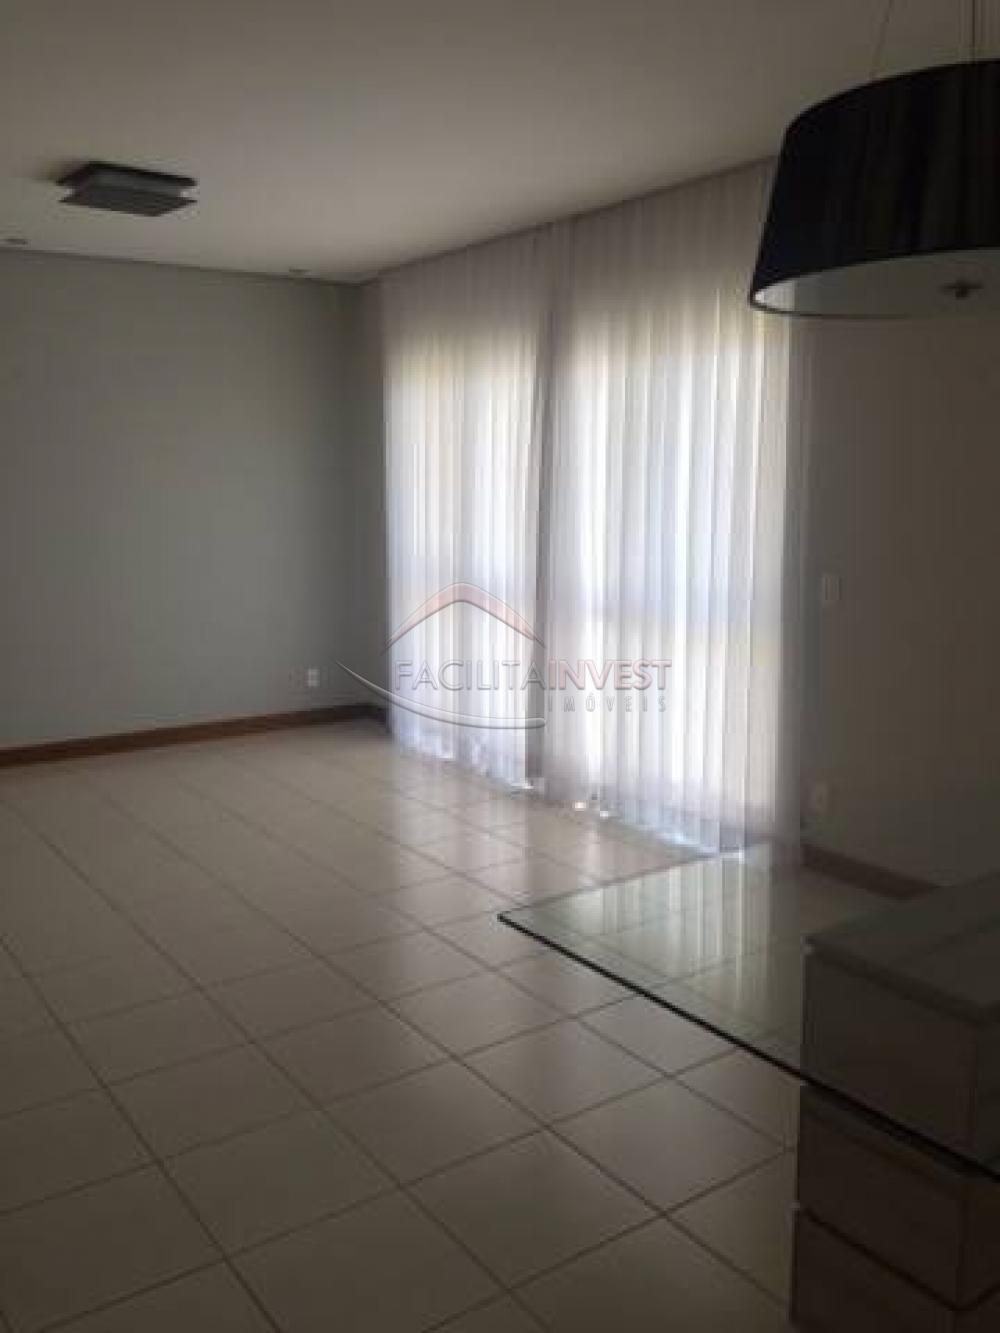 Comprar Apartamentos / Apart. Padrão em Ribeirão Preto apenas R$ 800.000,00 - Foto 7